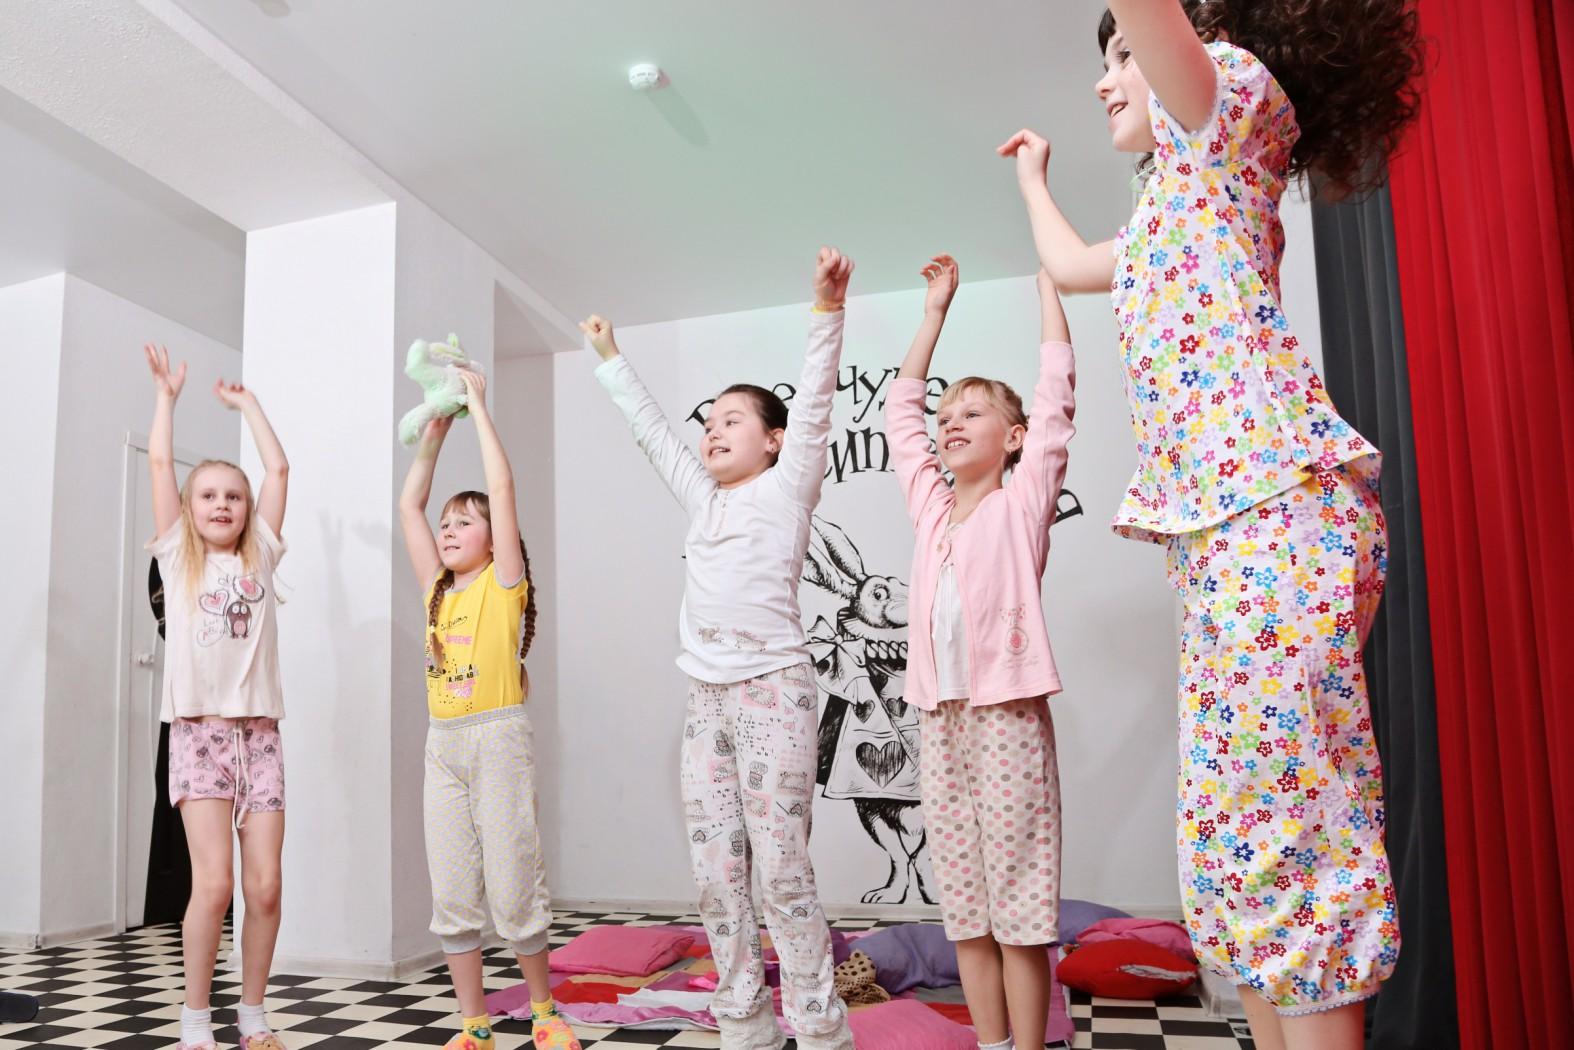 что справить день рождения в пижамном стиле фото летний